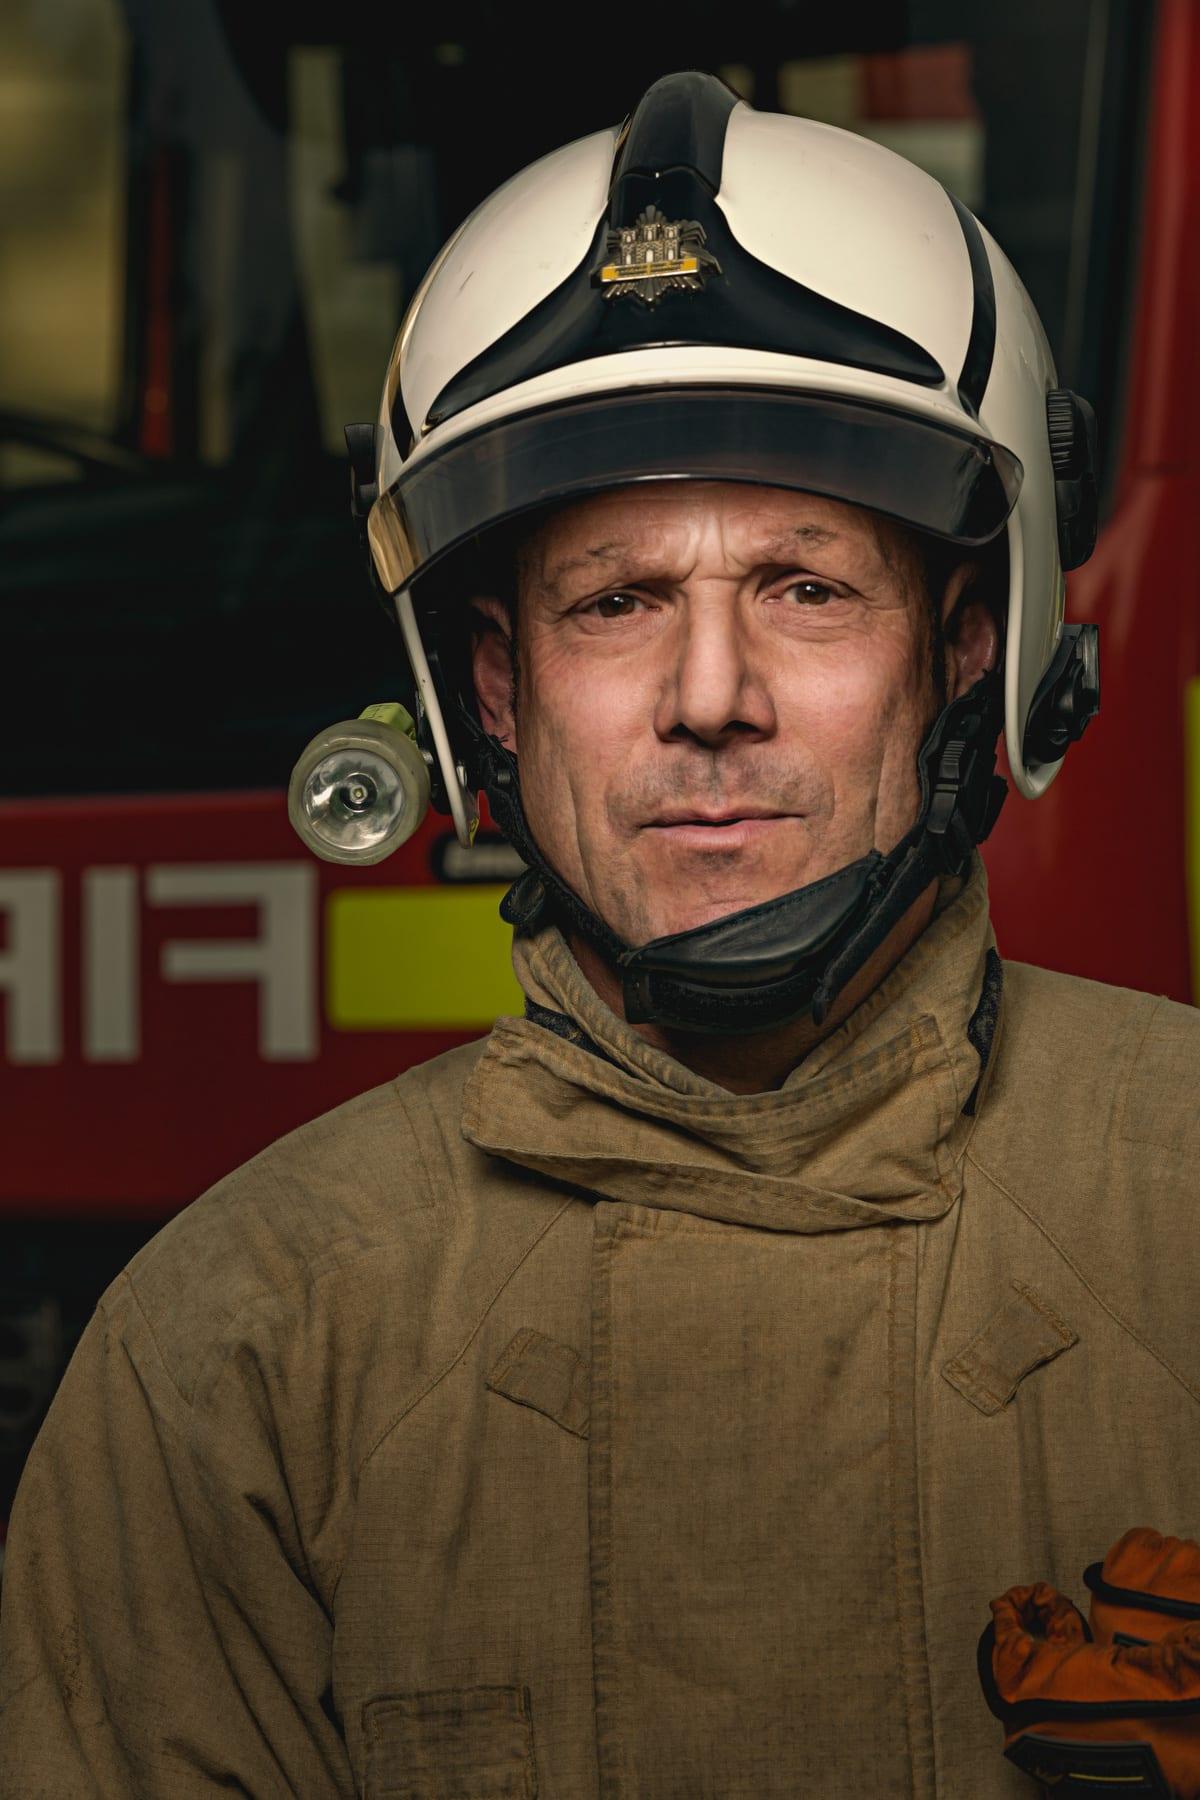 Watch Commander Dave Kersey,